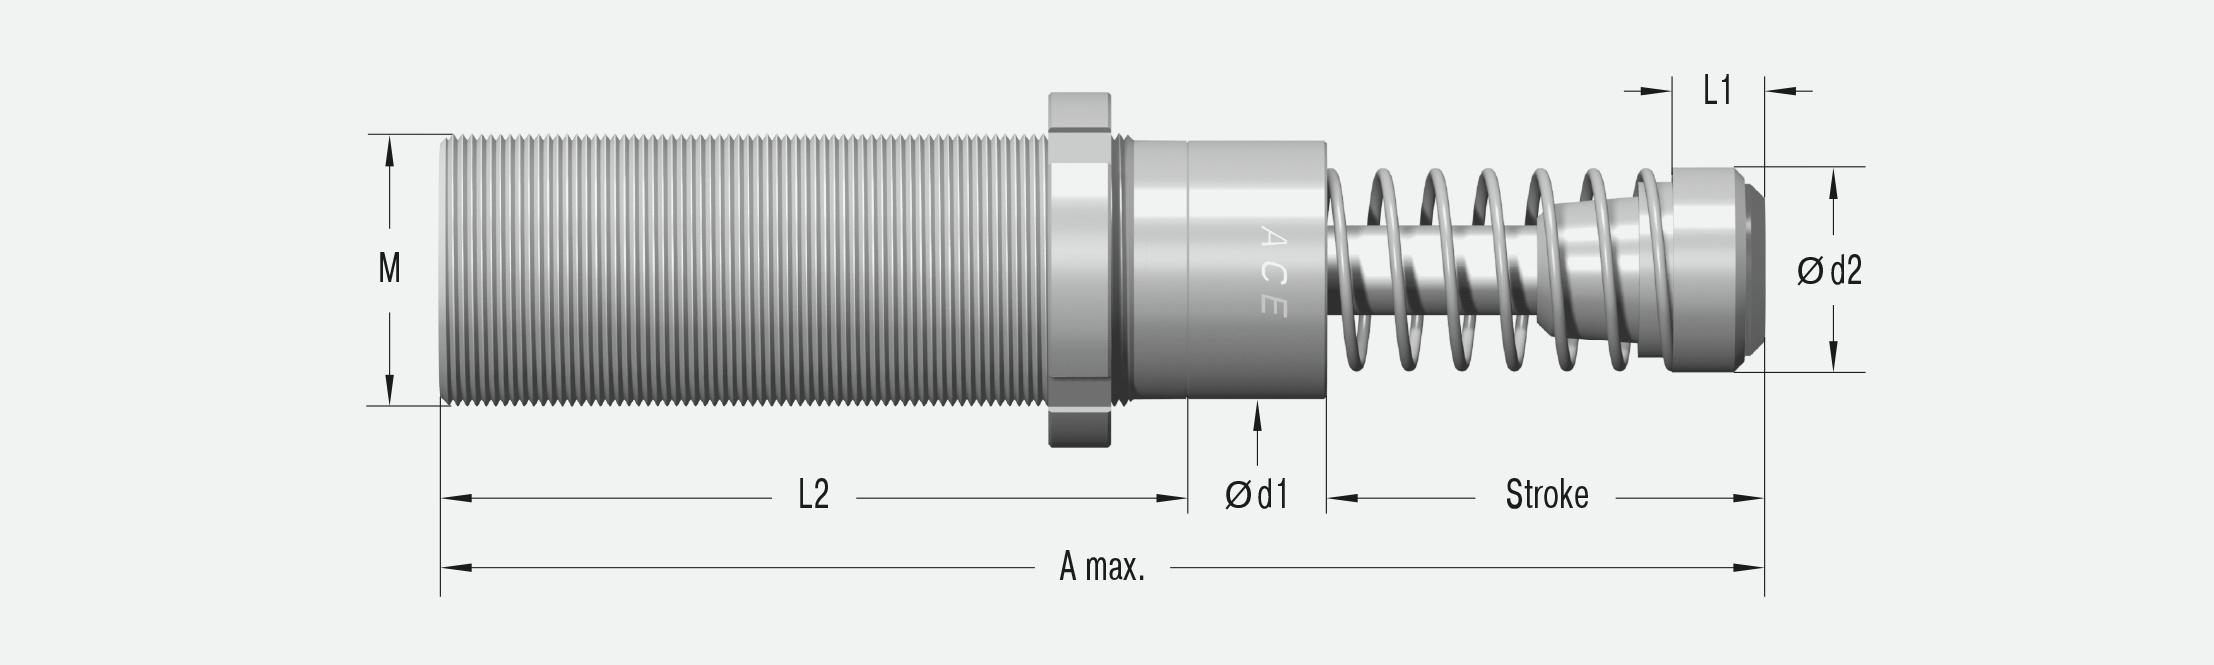 MC4550M-3-V4A